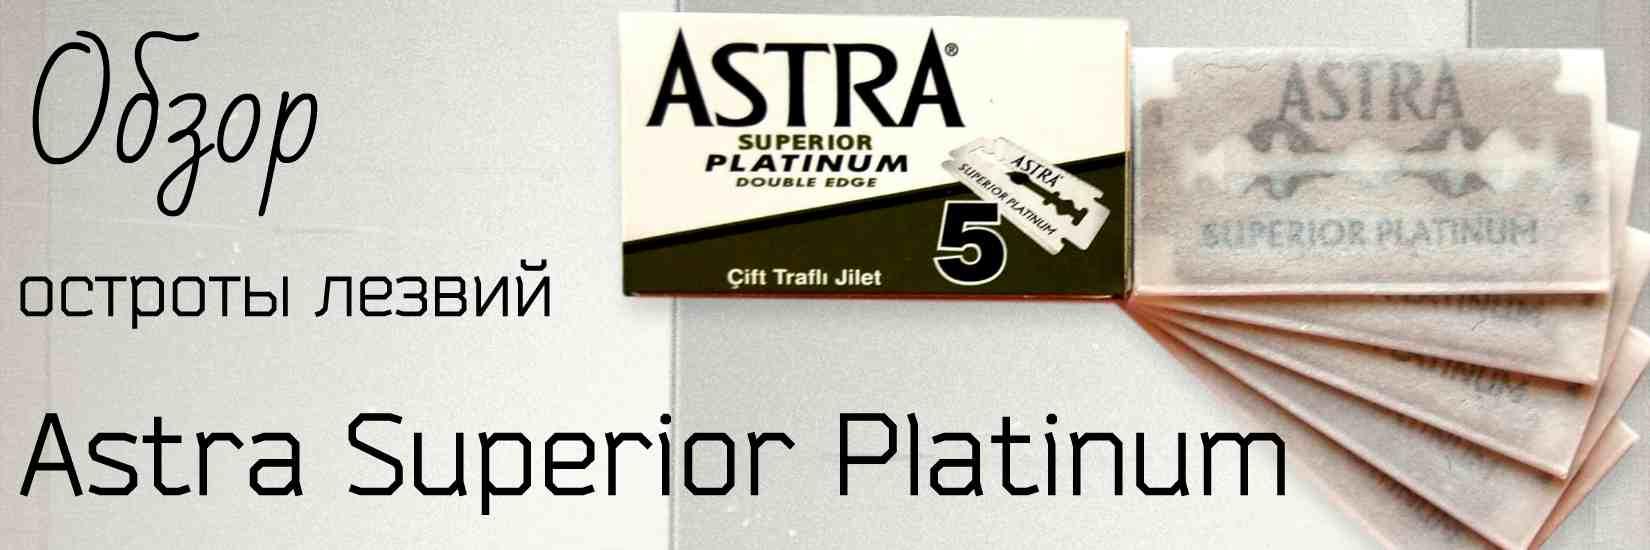 Обзор остроты лезвий Astra Superior Platinum